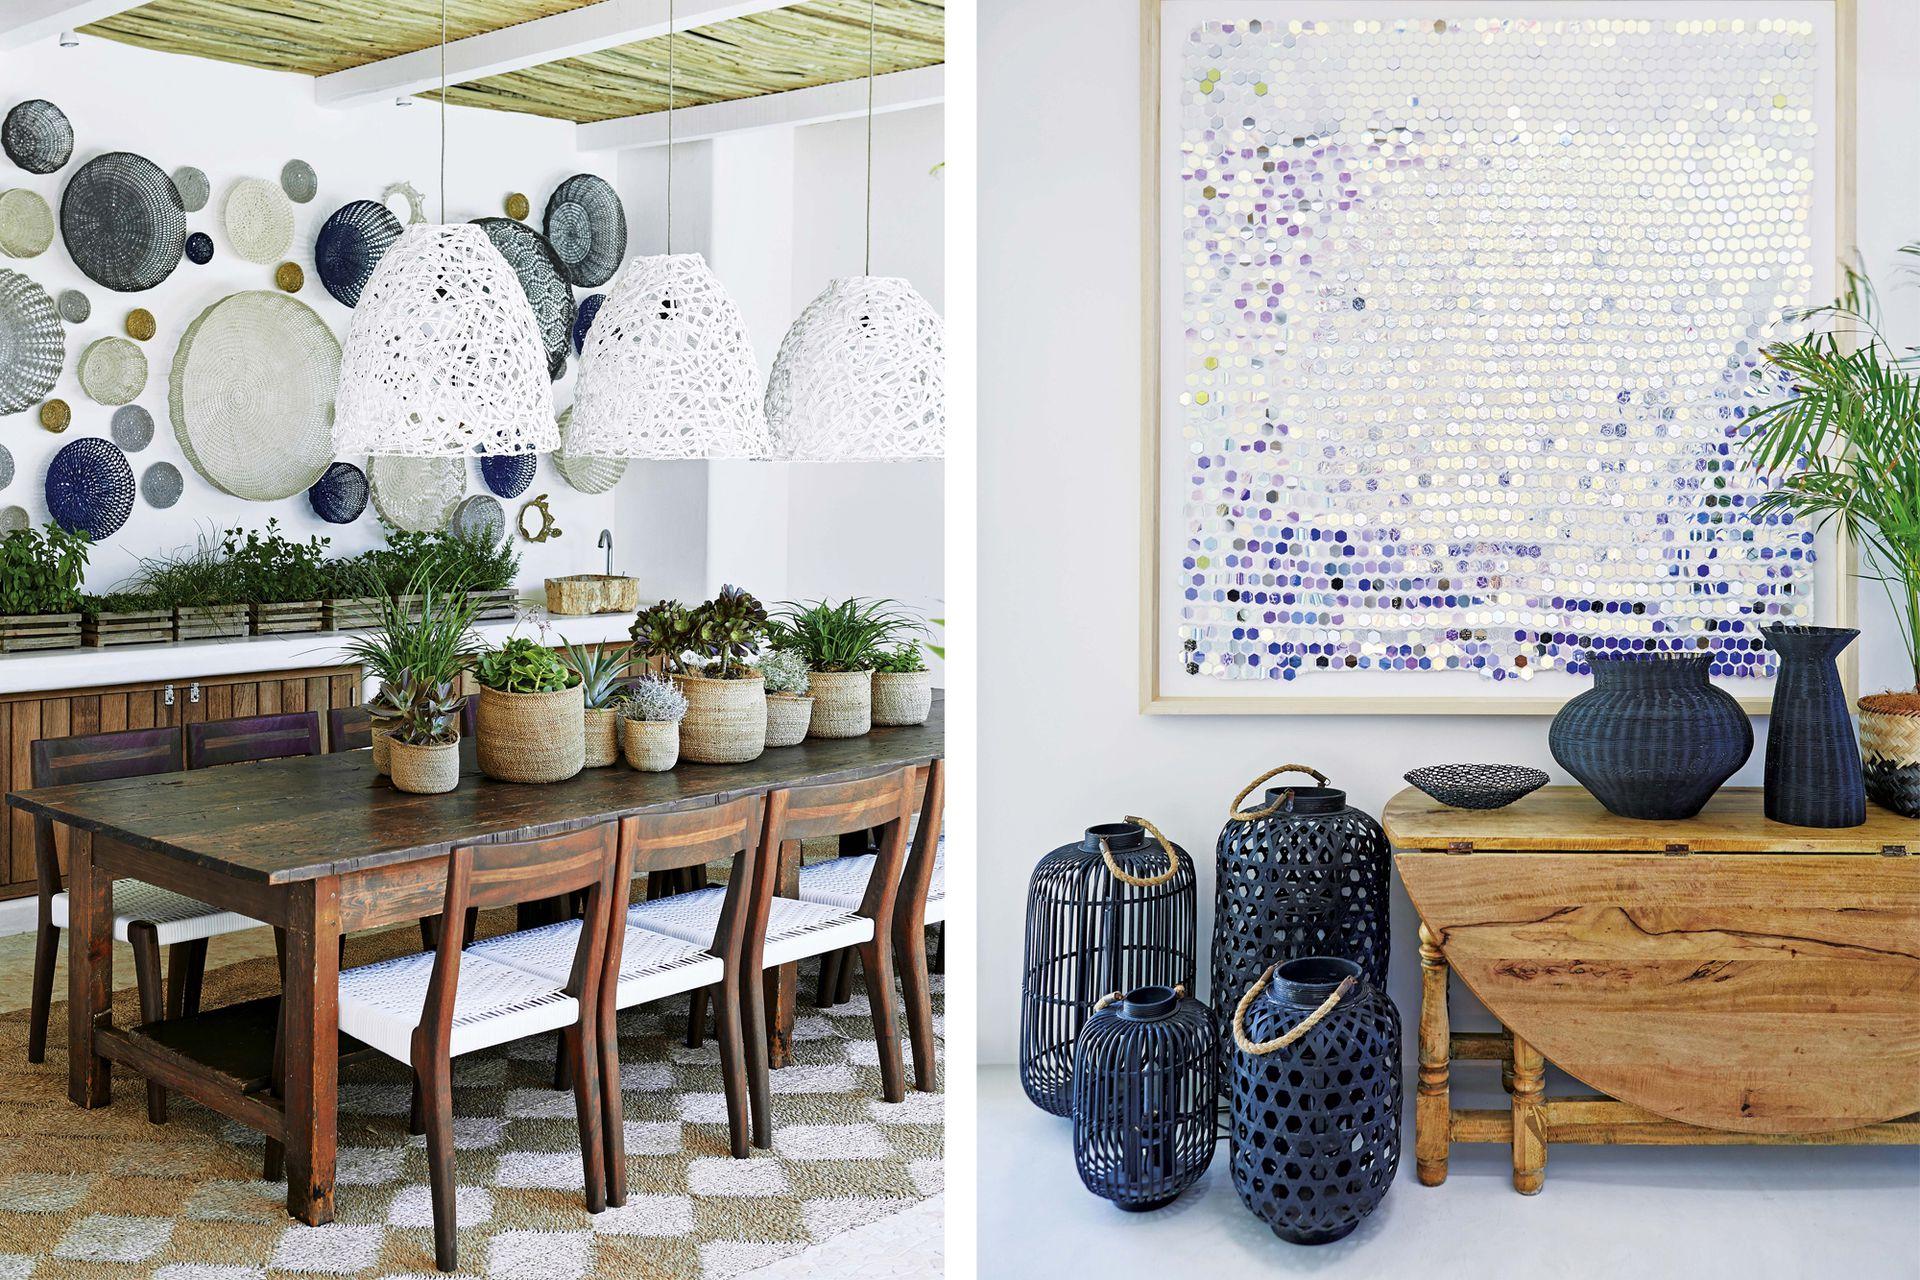 Sillas 'Twig' con estructura de caoba africana y asiento acordonado (Vogel). Trío de lámparas colgantes (Arabesque). Der. Cestería (Loft Living) y cuadro de la artista sudafricana Lyndi).